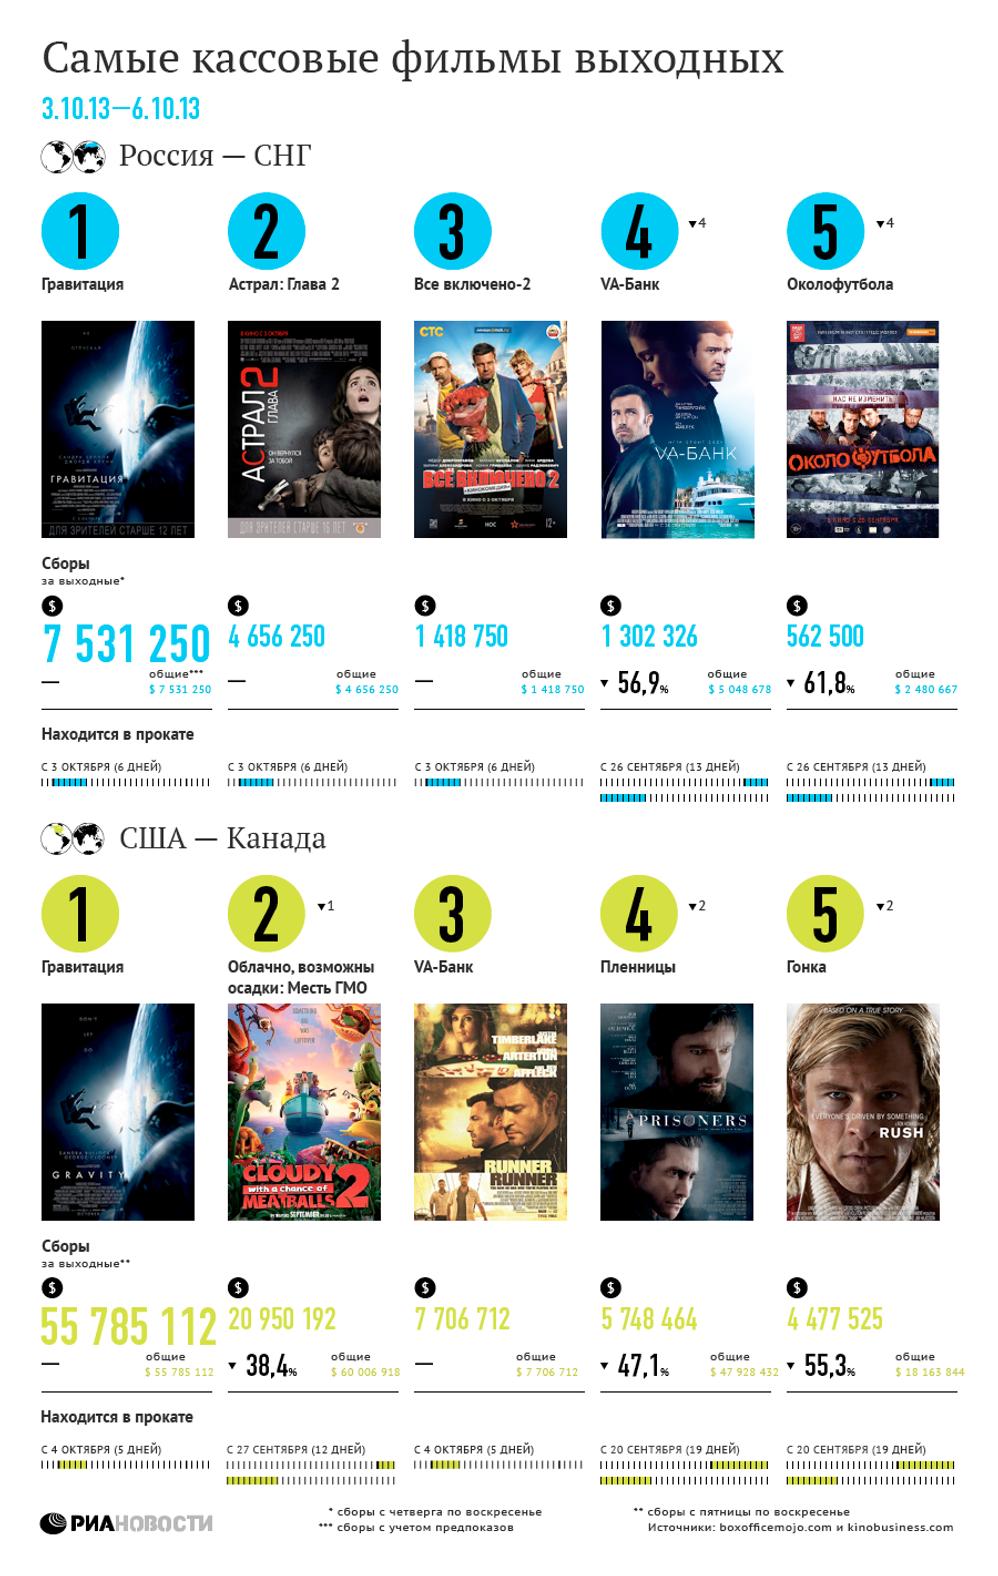 Самые кассовые фильмы выходных (3-6 октября)